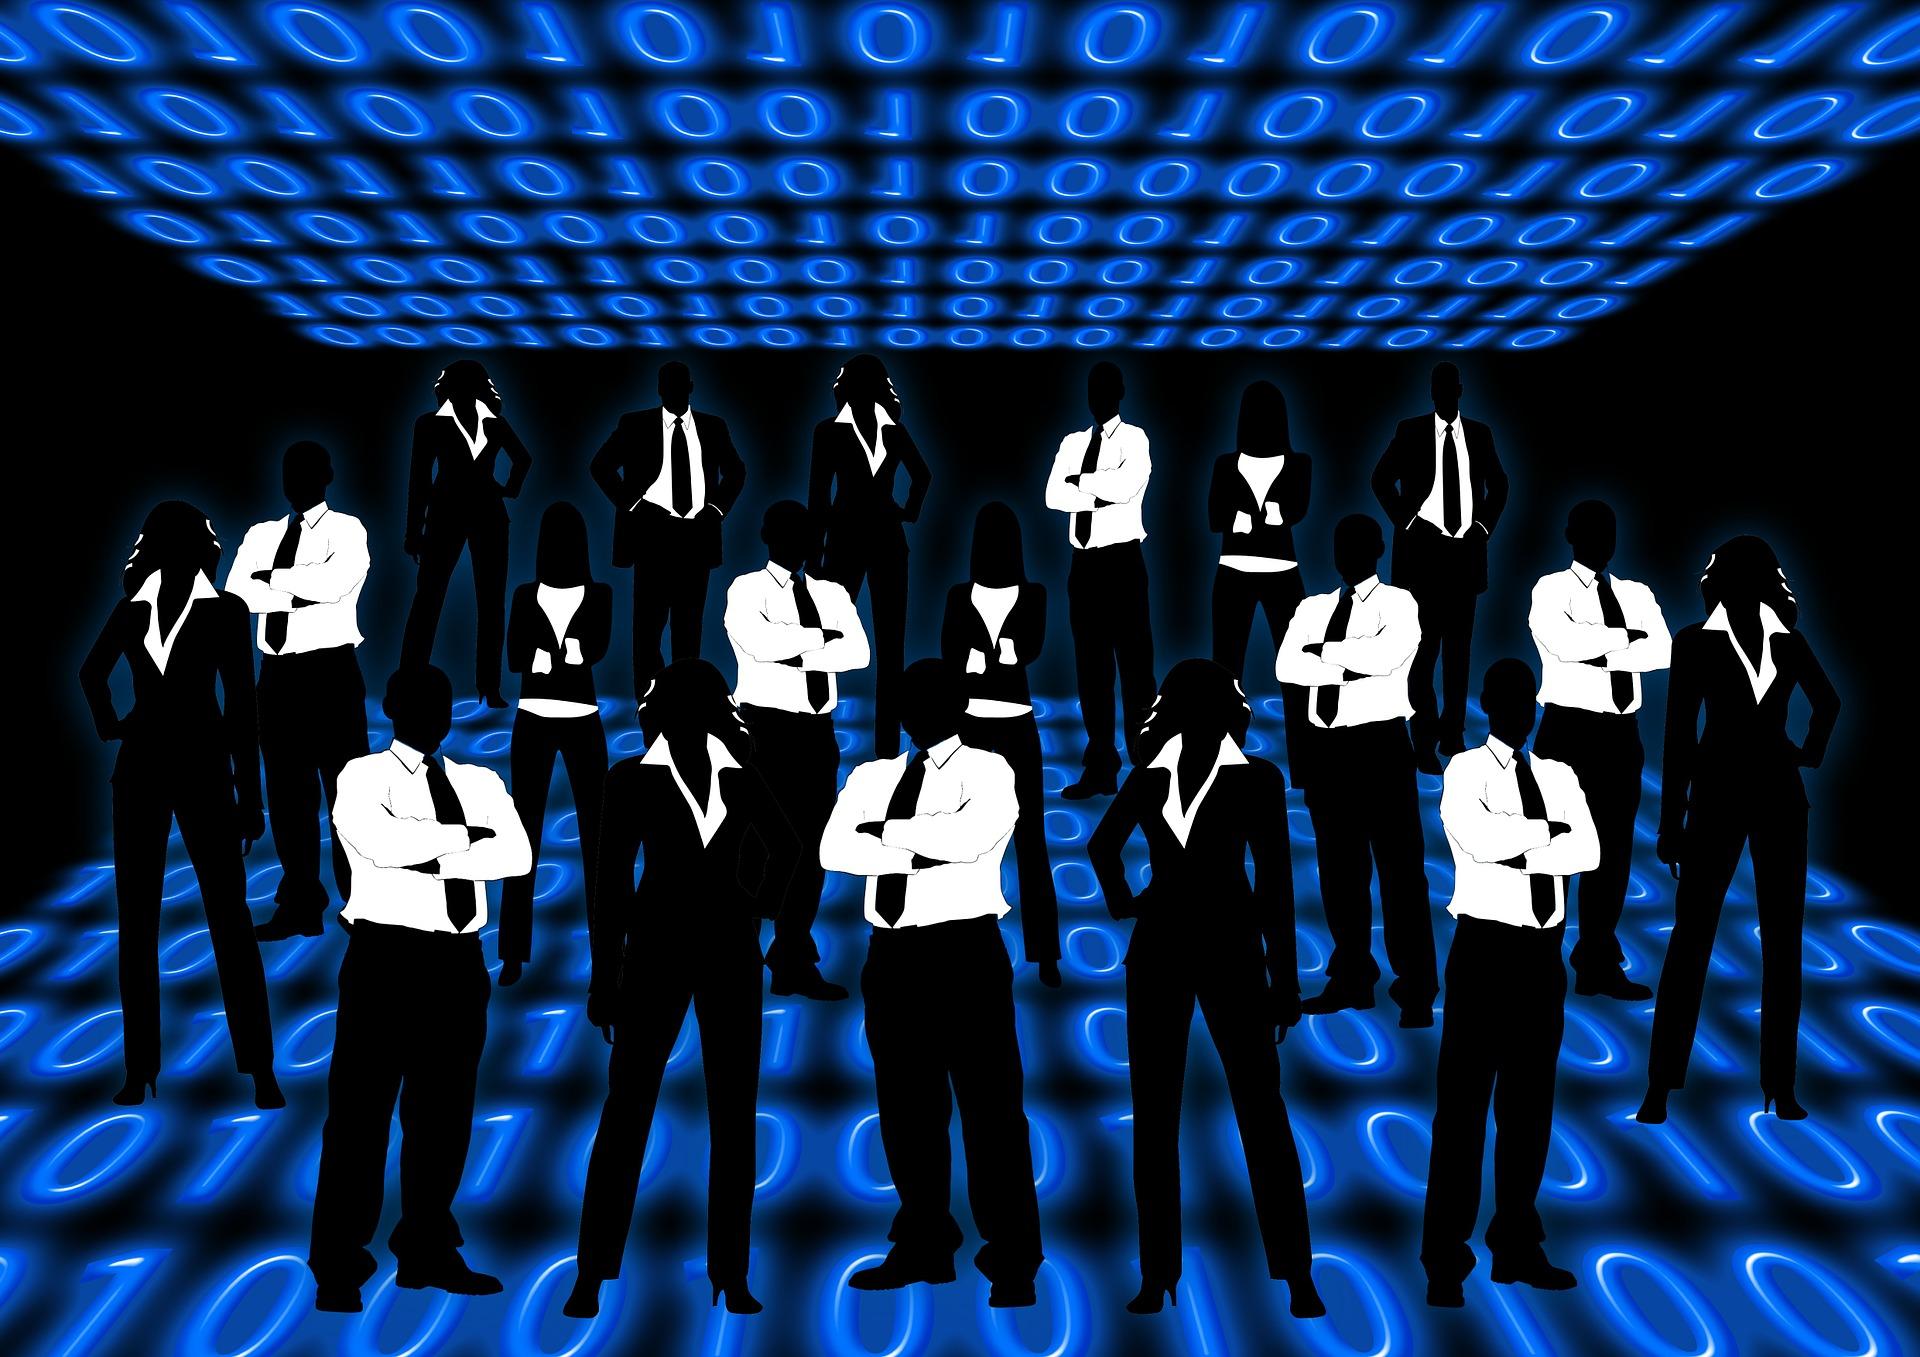 Decentralizing Development through Blockchain Voting